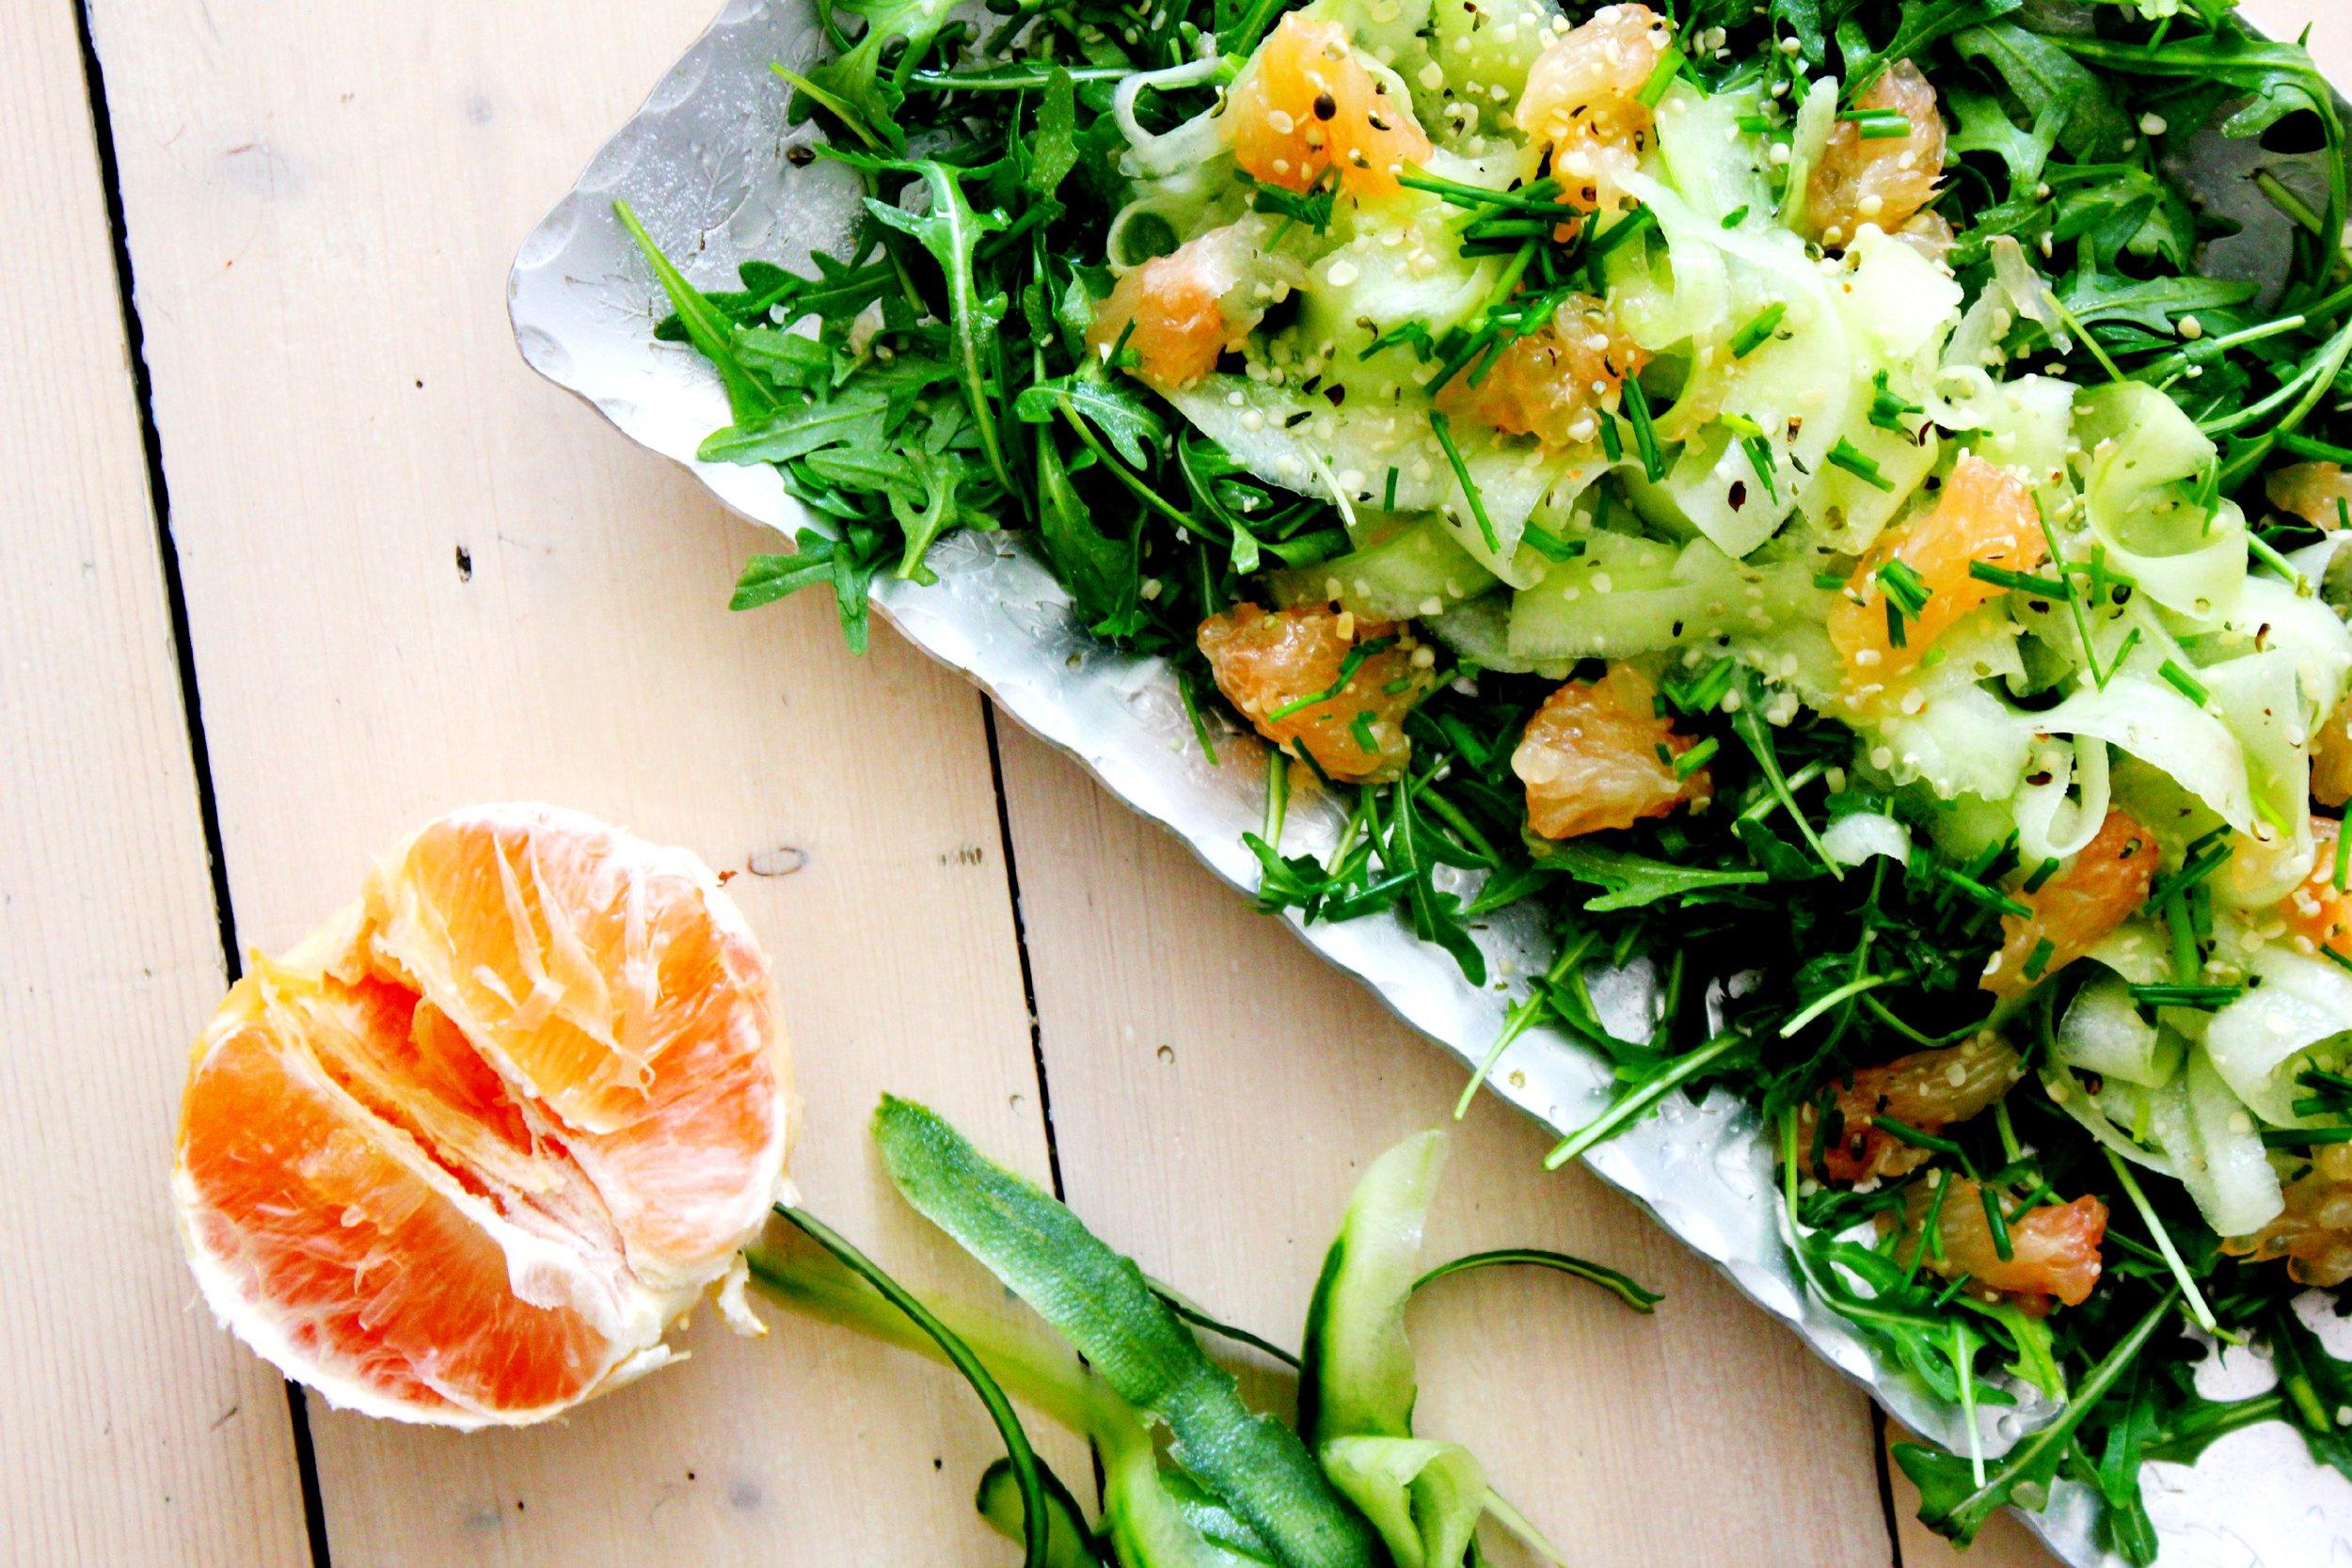 Kaip gaminti salotas?